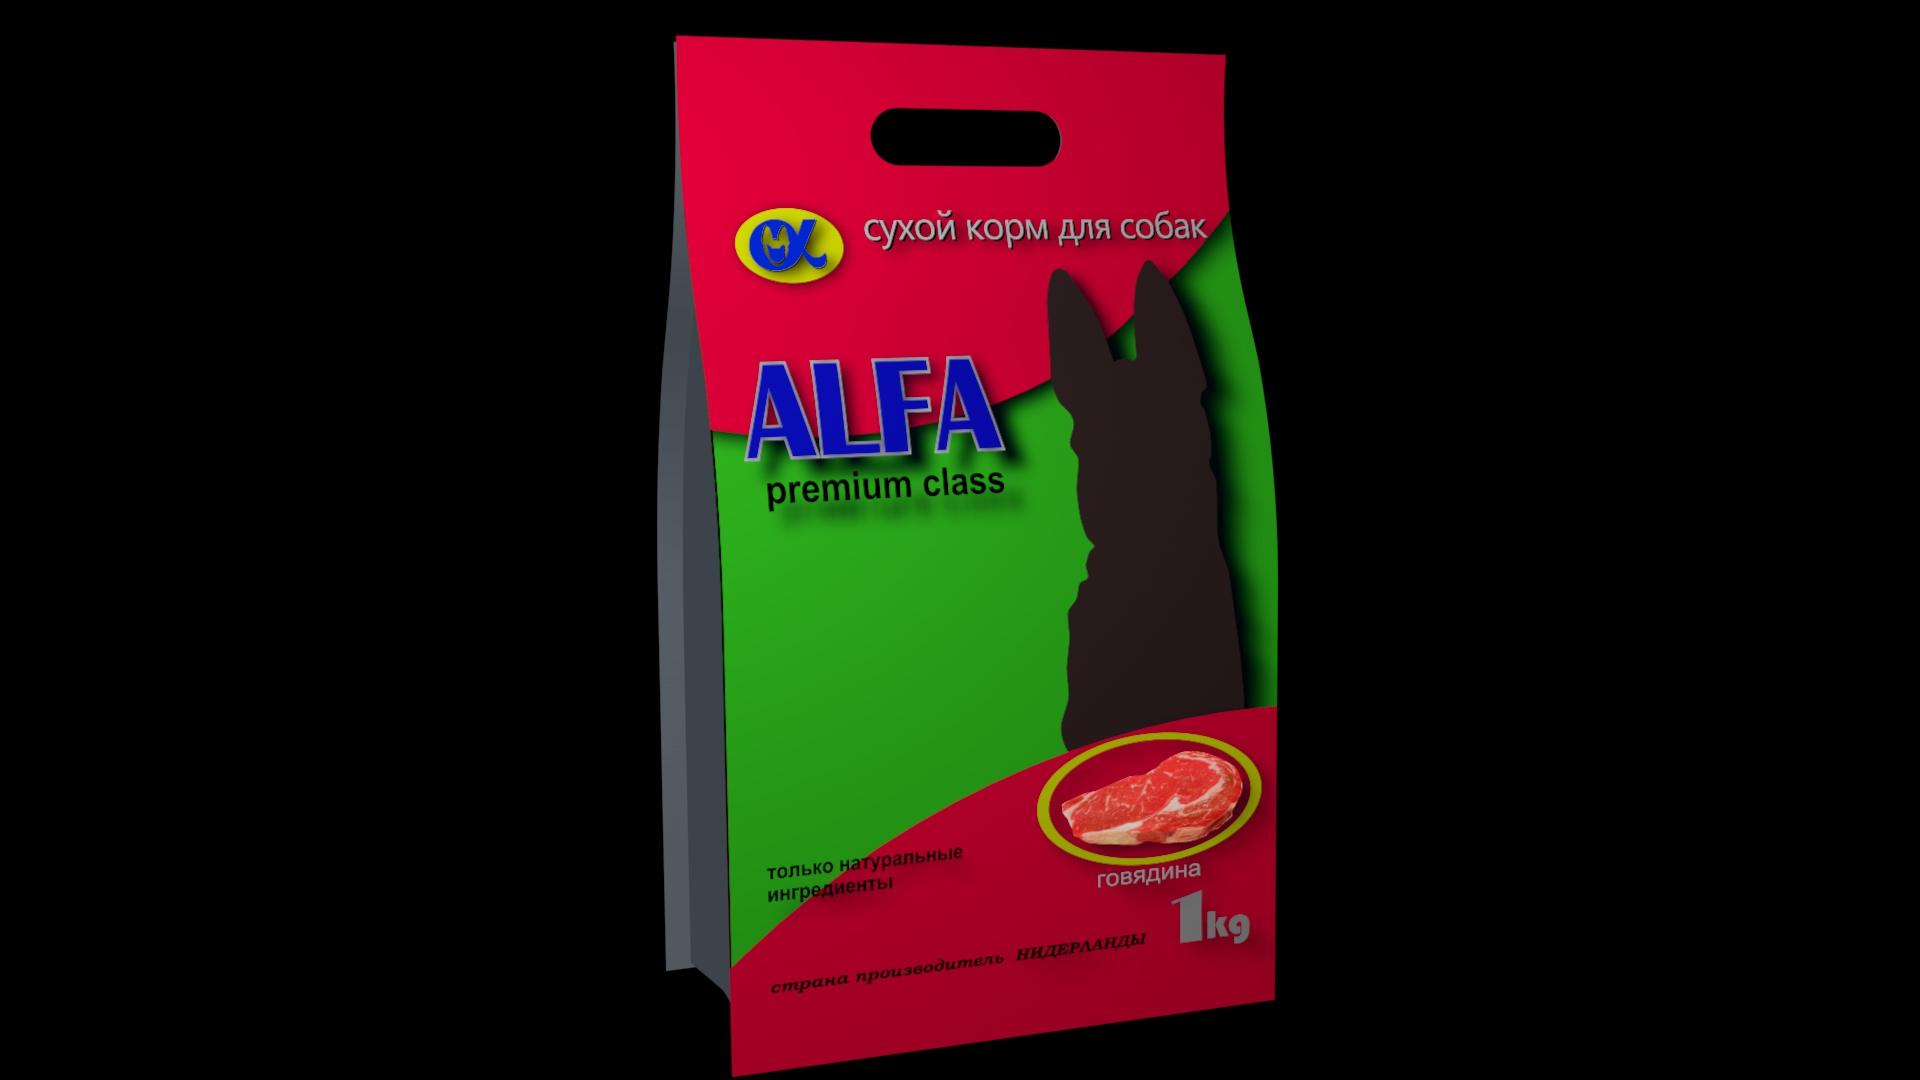 Создание дизайна упаковки для кормов для животных. фото f_9655adbaa7f4c4b5.jpg